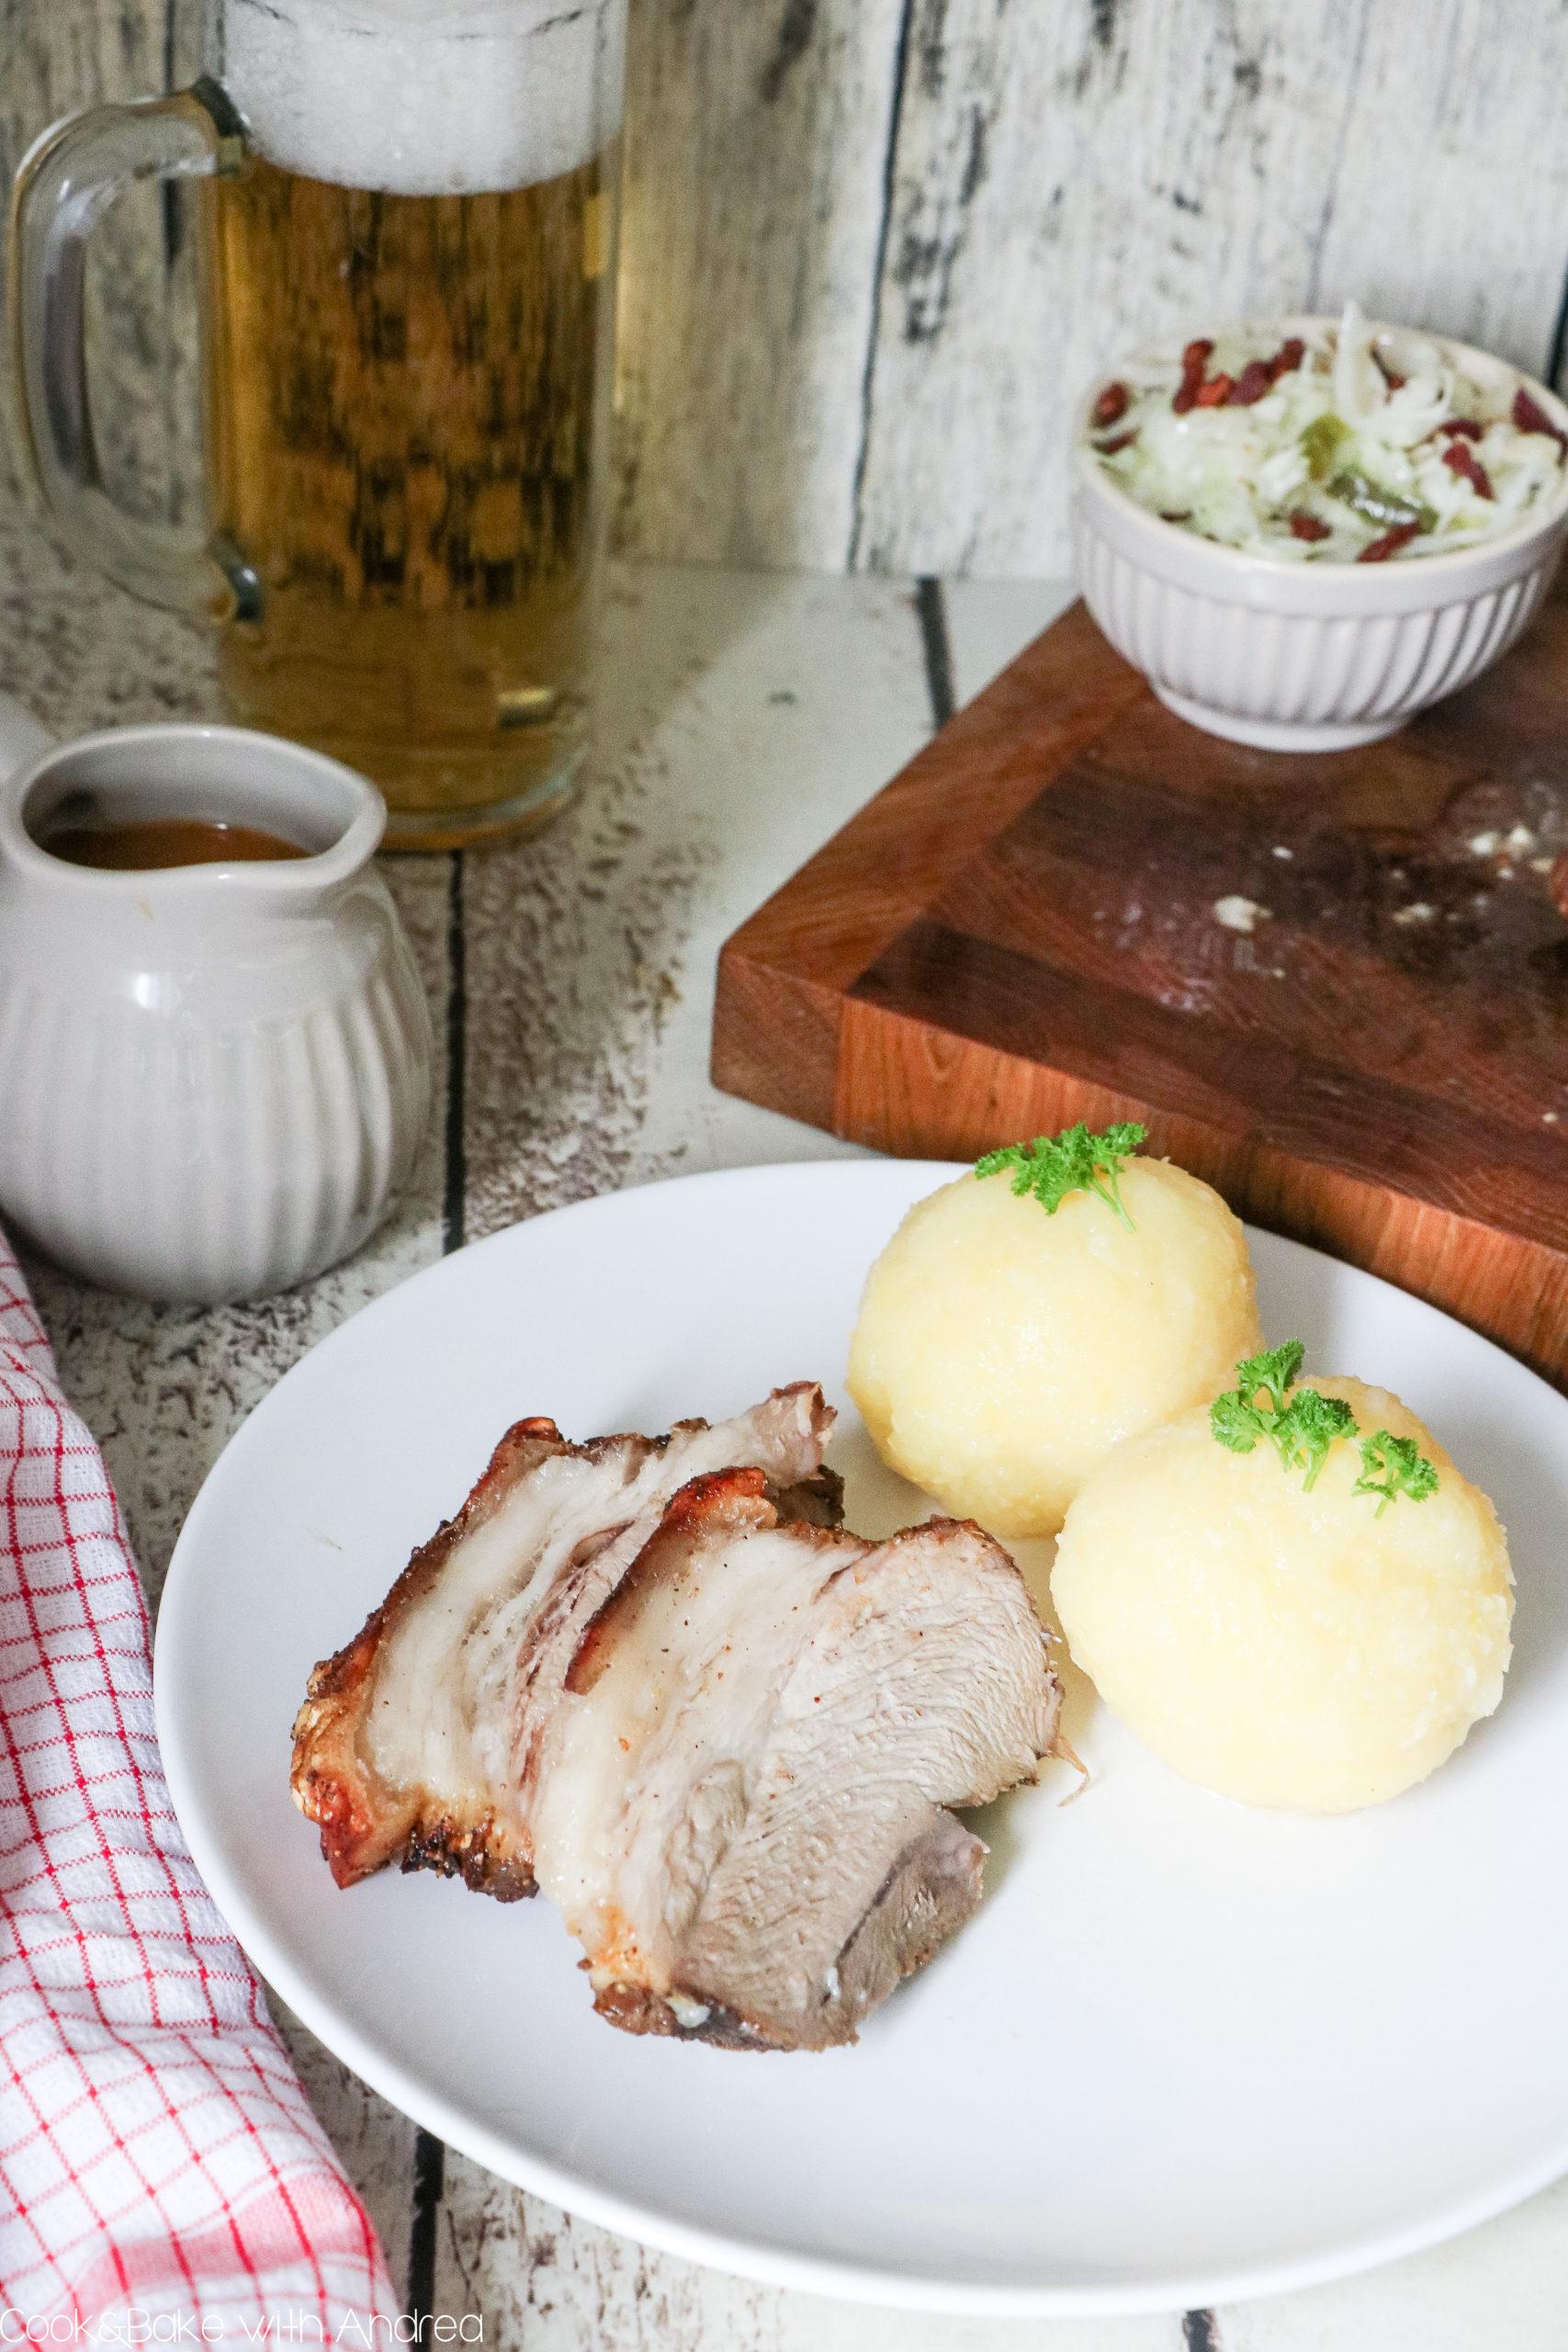 O´zapft is! Dieses Jahr leider nicht wie üblich auf dem Münchner Oktoberfest, sondern einfach zu Hause! Mit diesem selbstgemachten Schweinebraten mit rescher Krusten, Dunkelbiersoße, Kartoffelknödeln und Speck-Krautsalat holt ihr euch die Wiesn einfach nach Hause. Das traditionelle Rezept findet ihr bei Cook and Bake with Andrea.